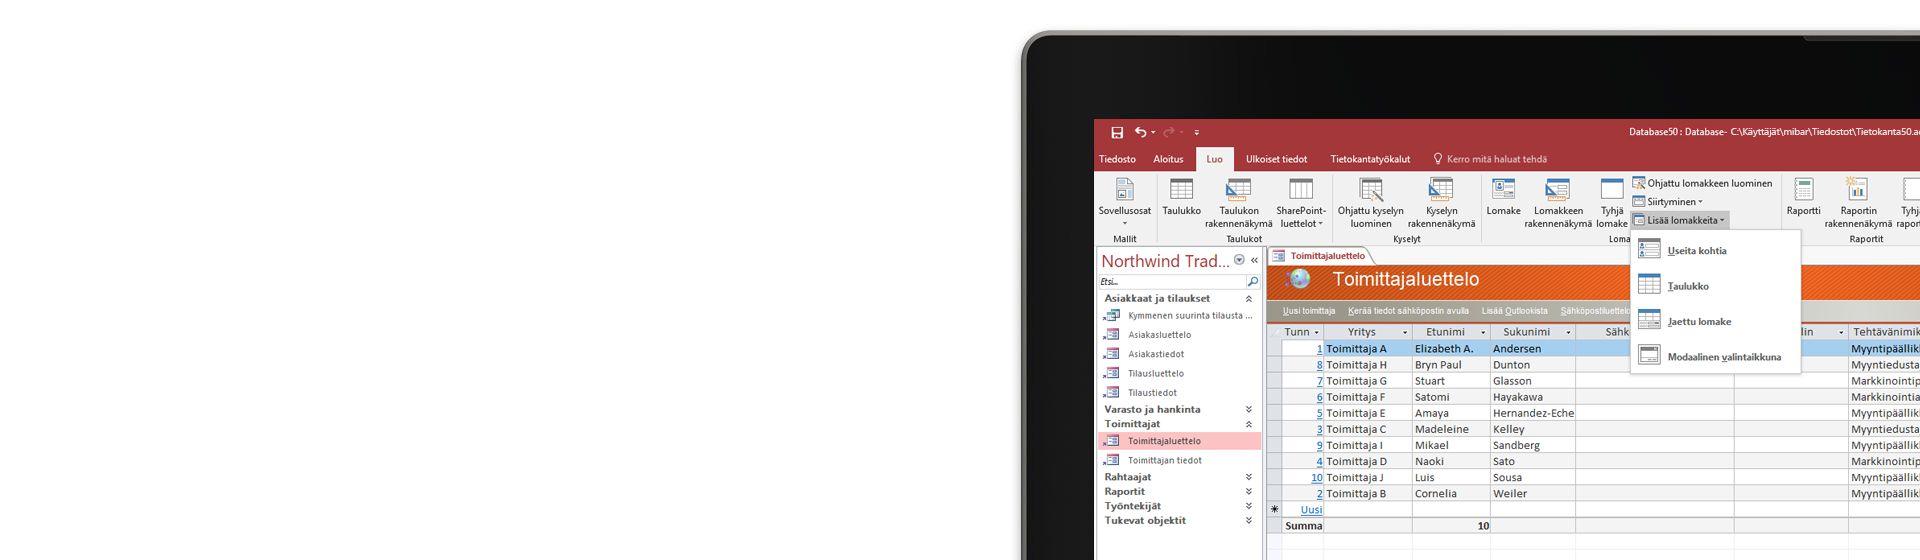 Kuva tietokoneen näytön kulmasta: näytöllä näkyy toimittajaluettelo Microsoft Access -tietokannassa.